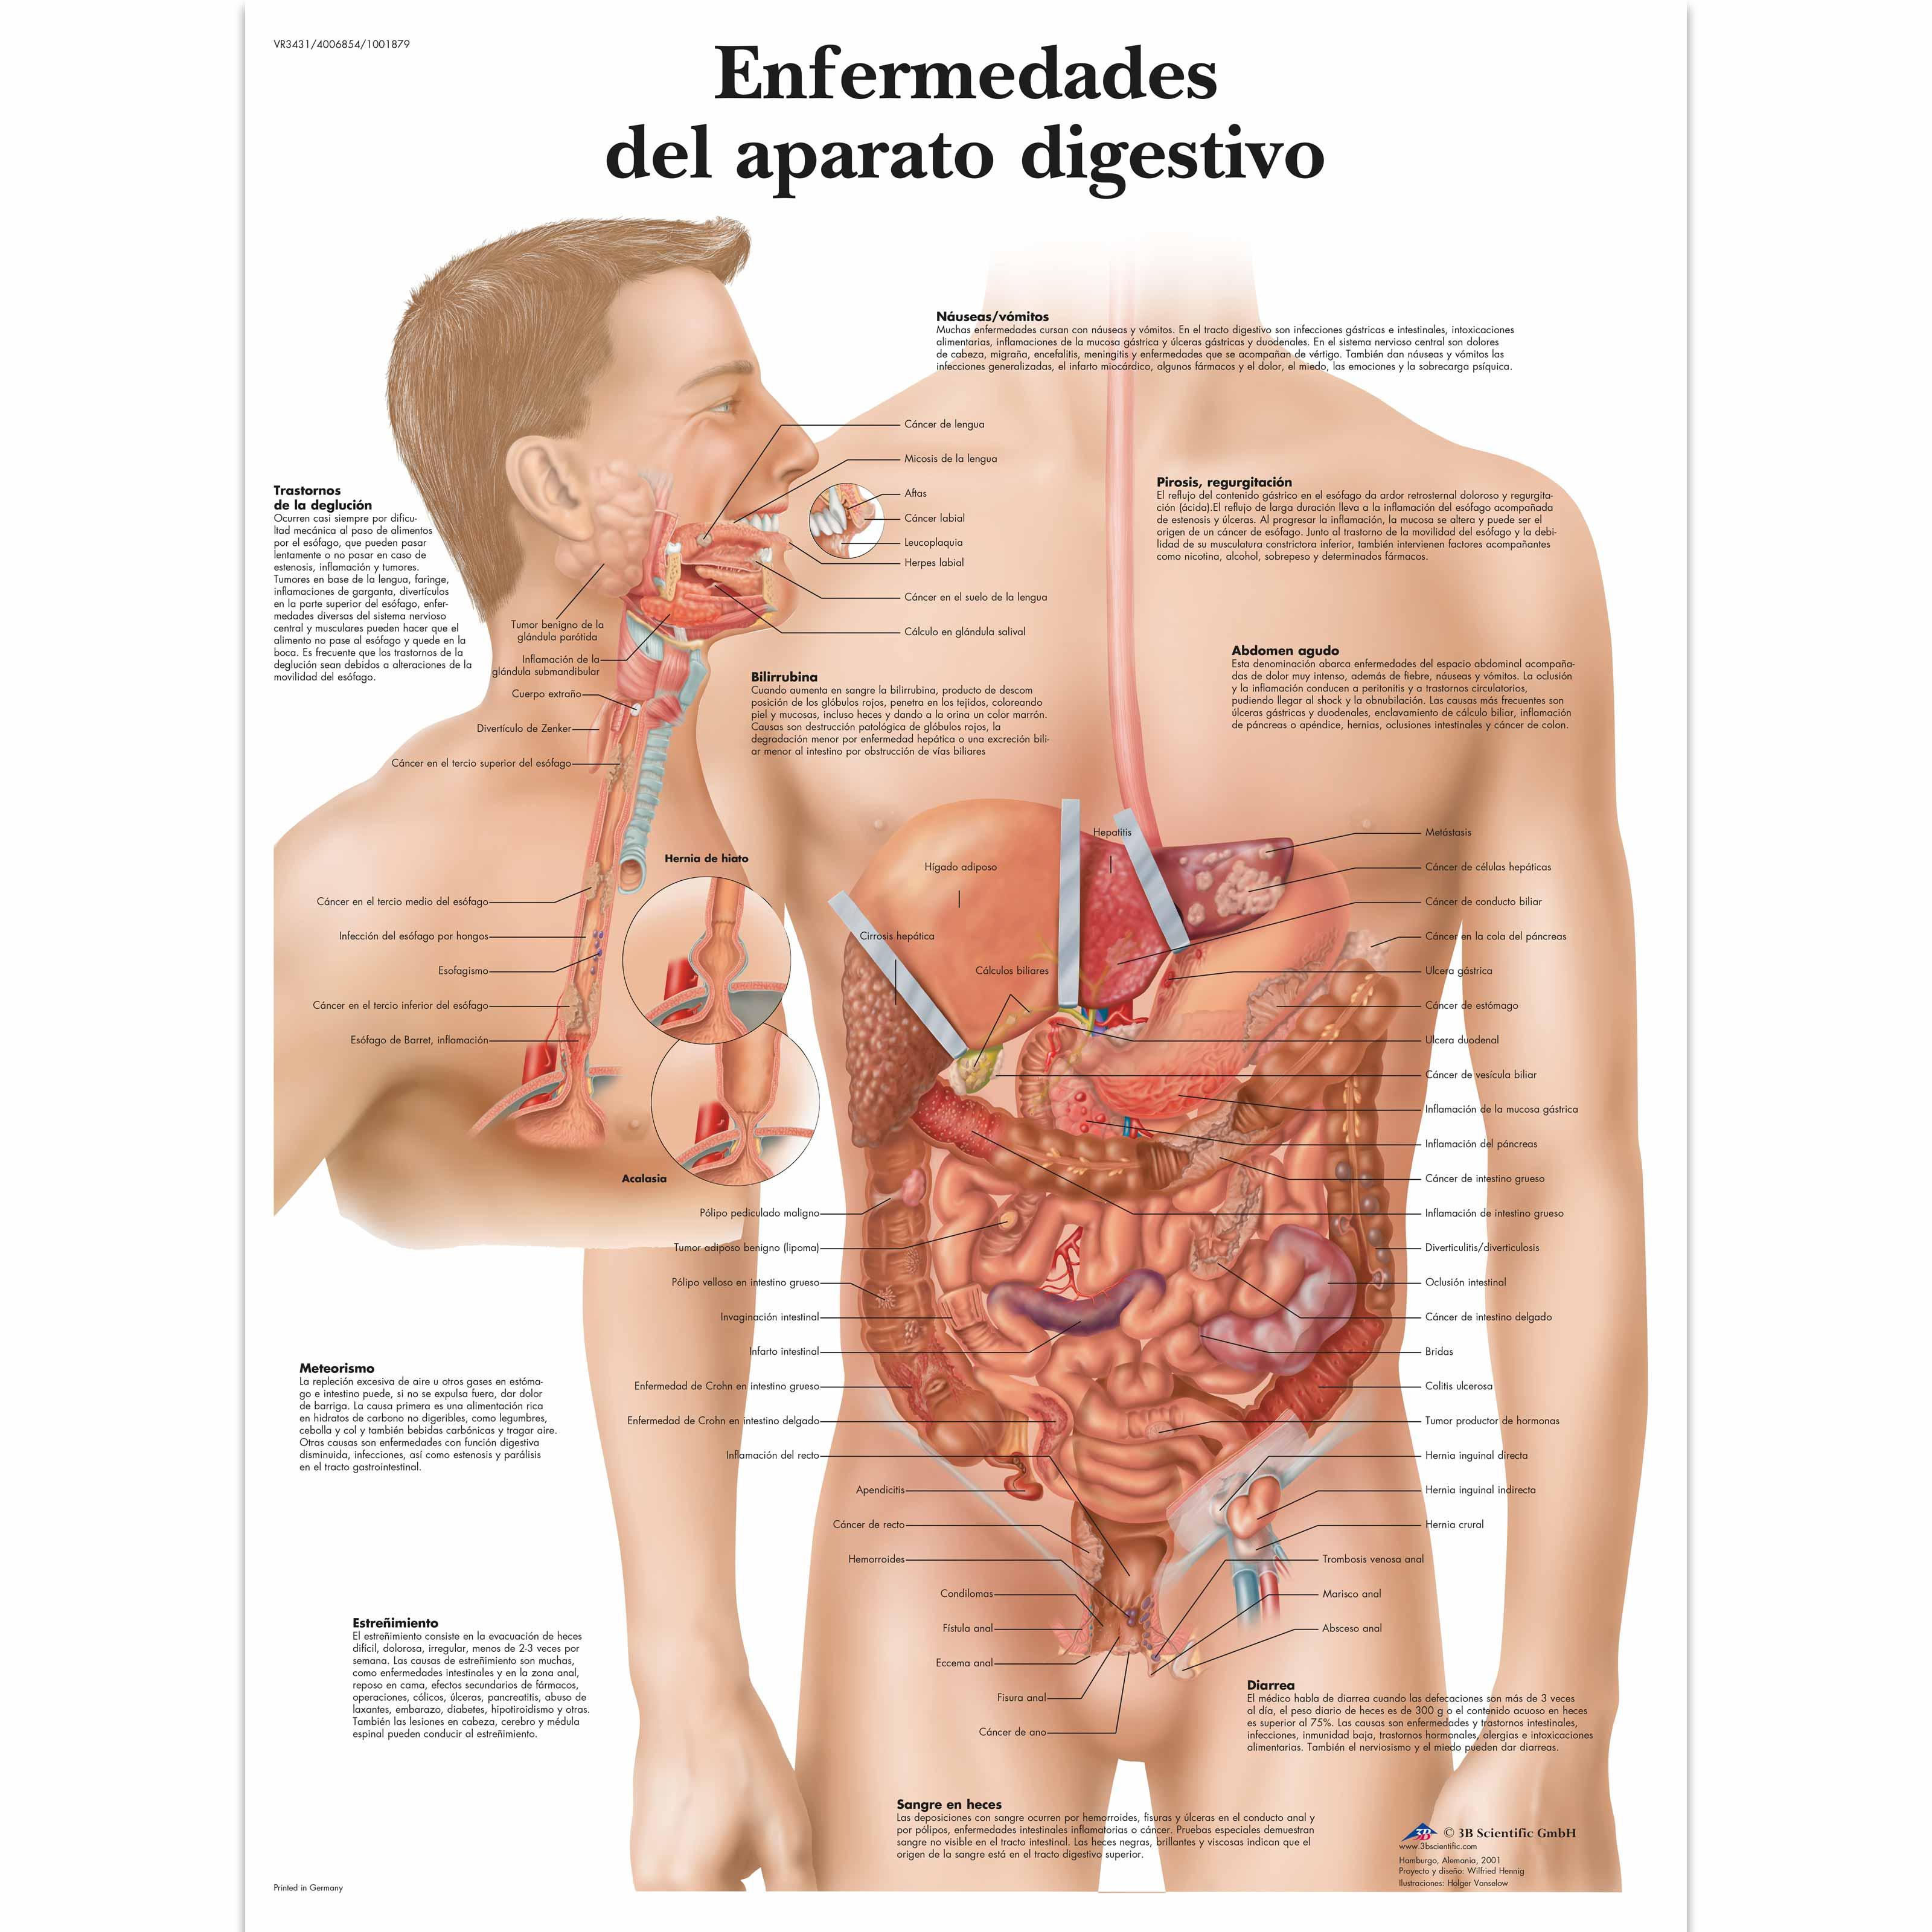 cancer de pancreas y fiebre)